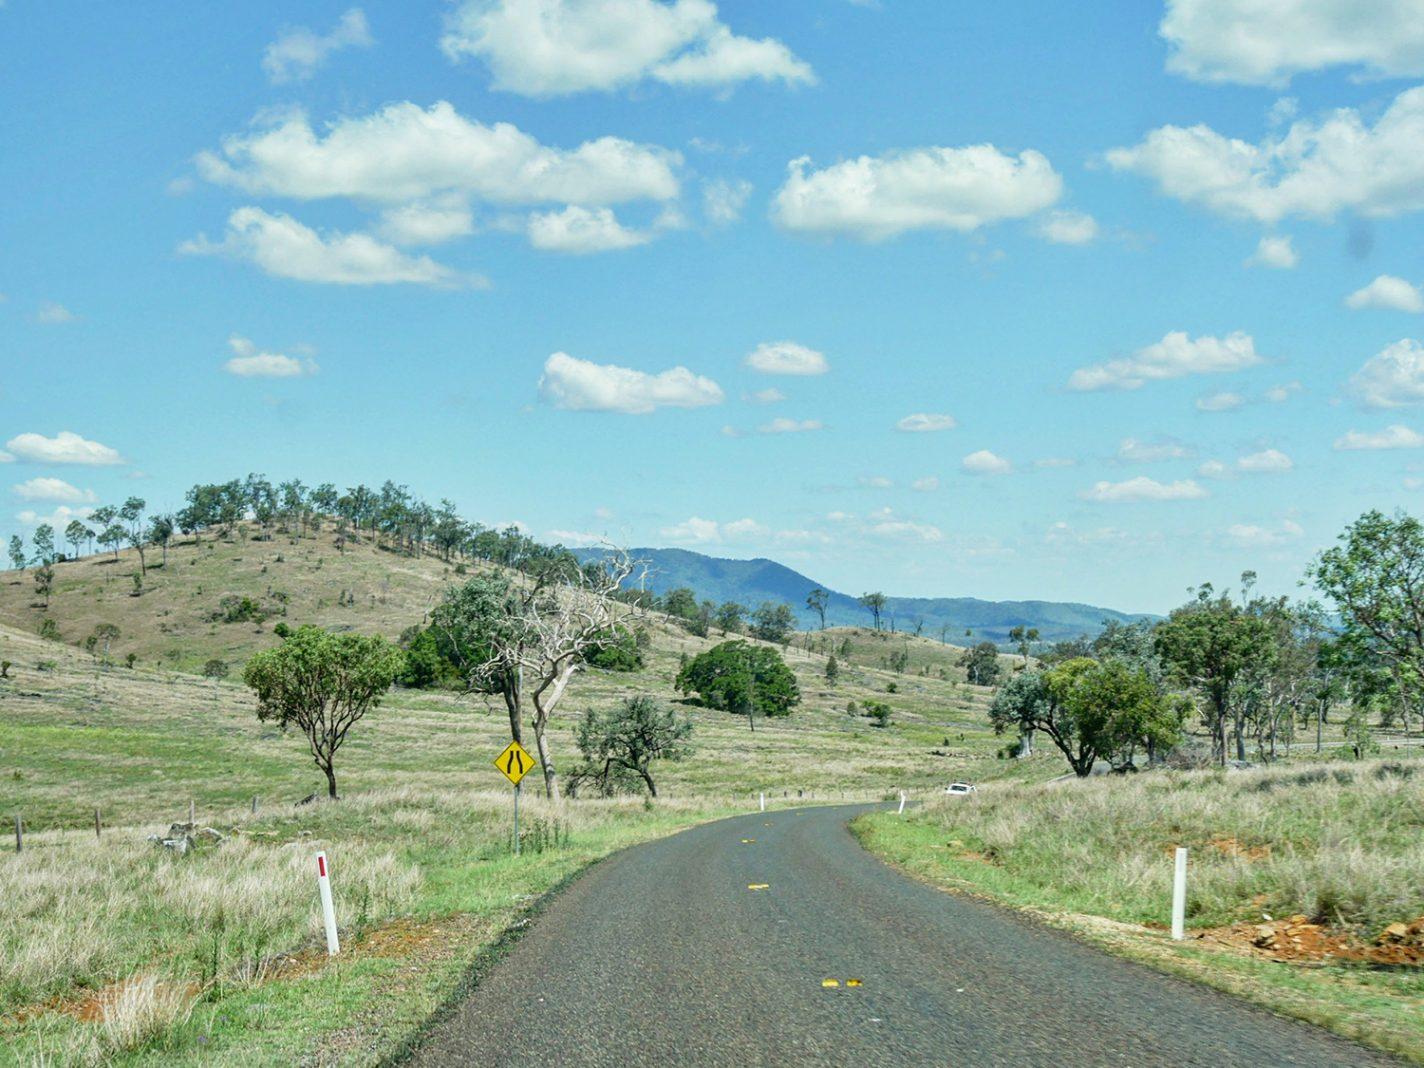 Camperreis door Australië - idyllische routes dwars door de natuur